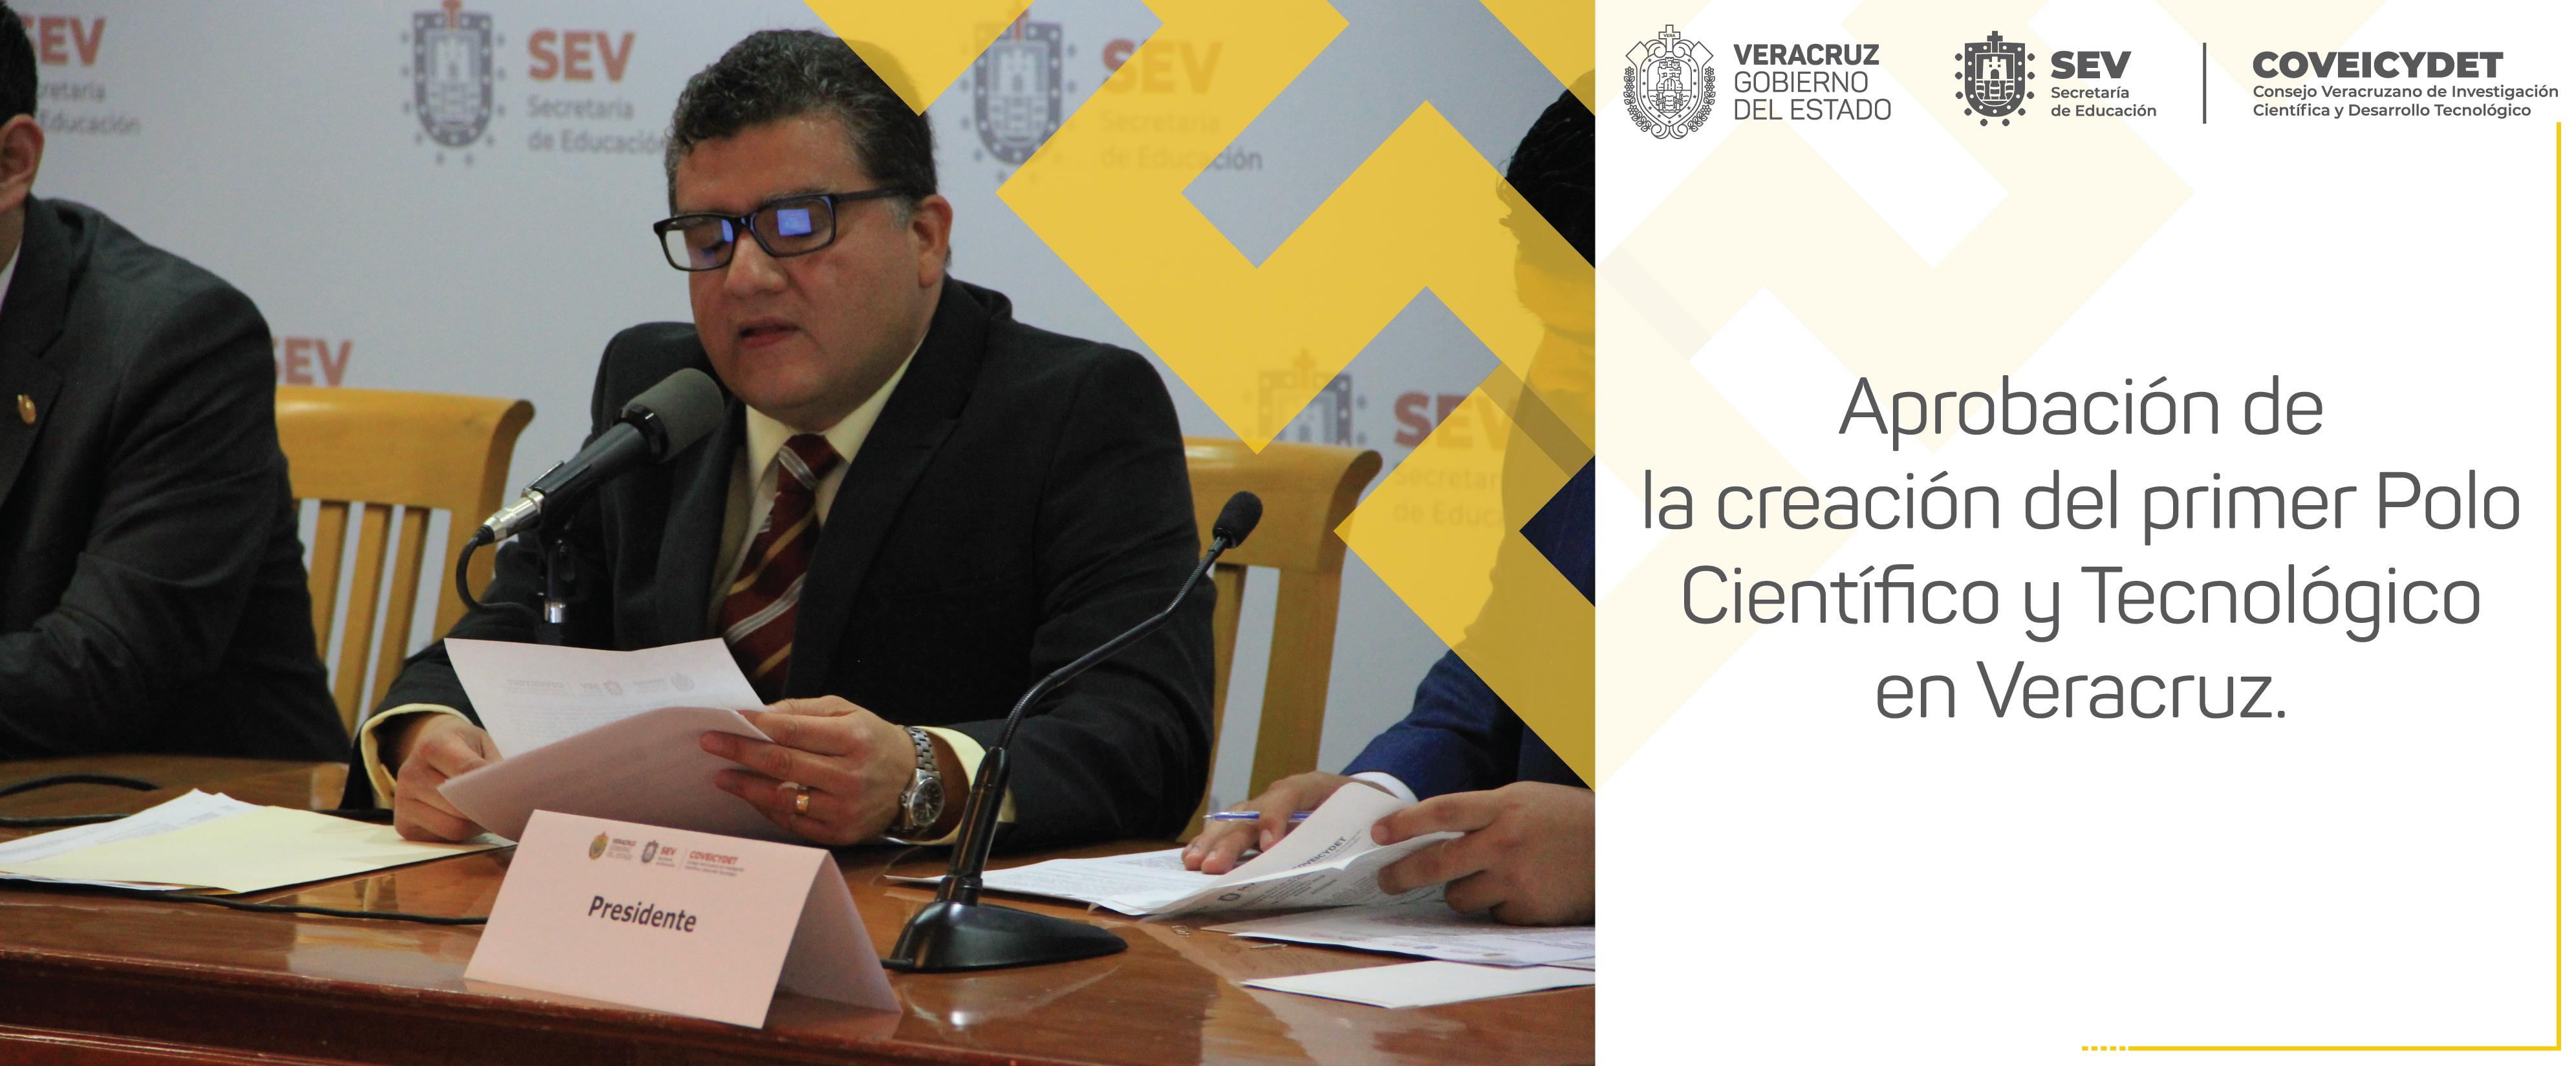 Aprobación de la creación del primer Polo Científico y Tecnológico en Veracruz